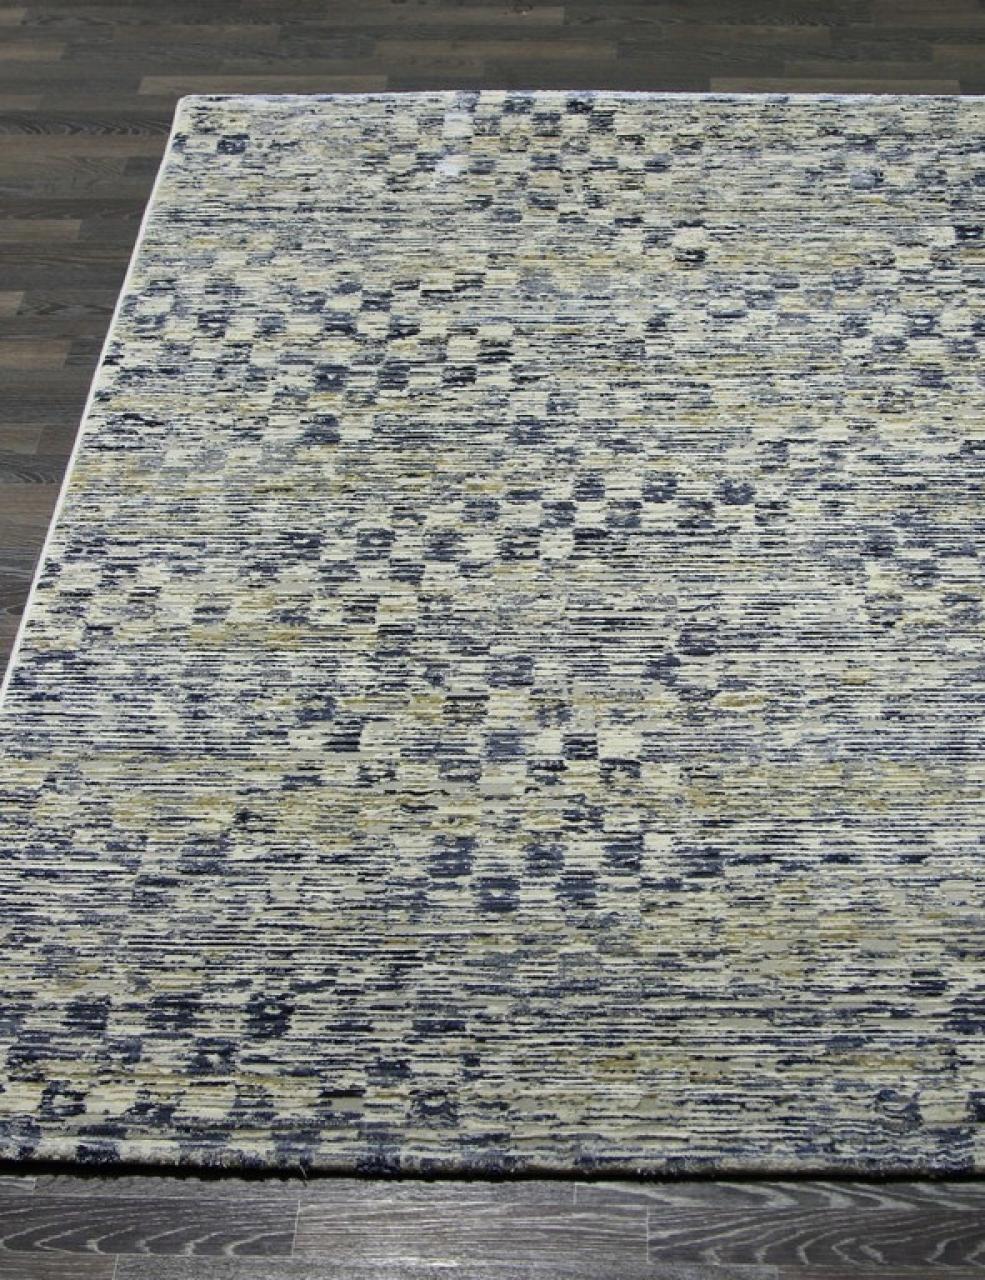 Ковер 52009 - 7272 - Прямоугольник - коллекция CANYON - фото 1